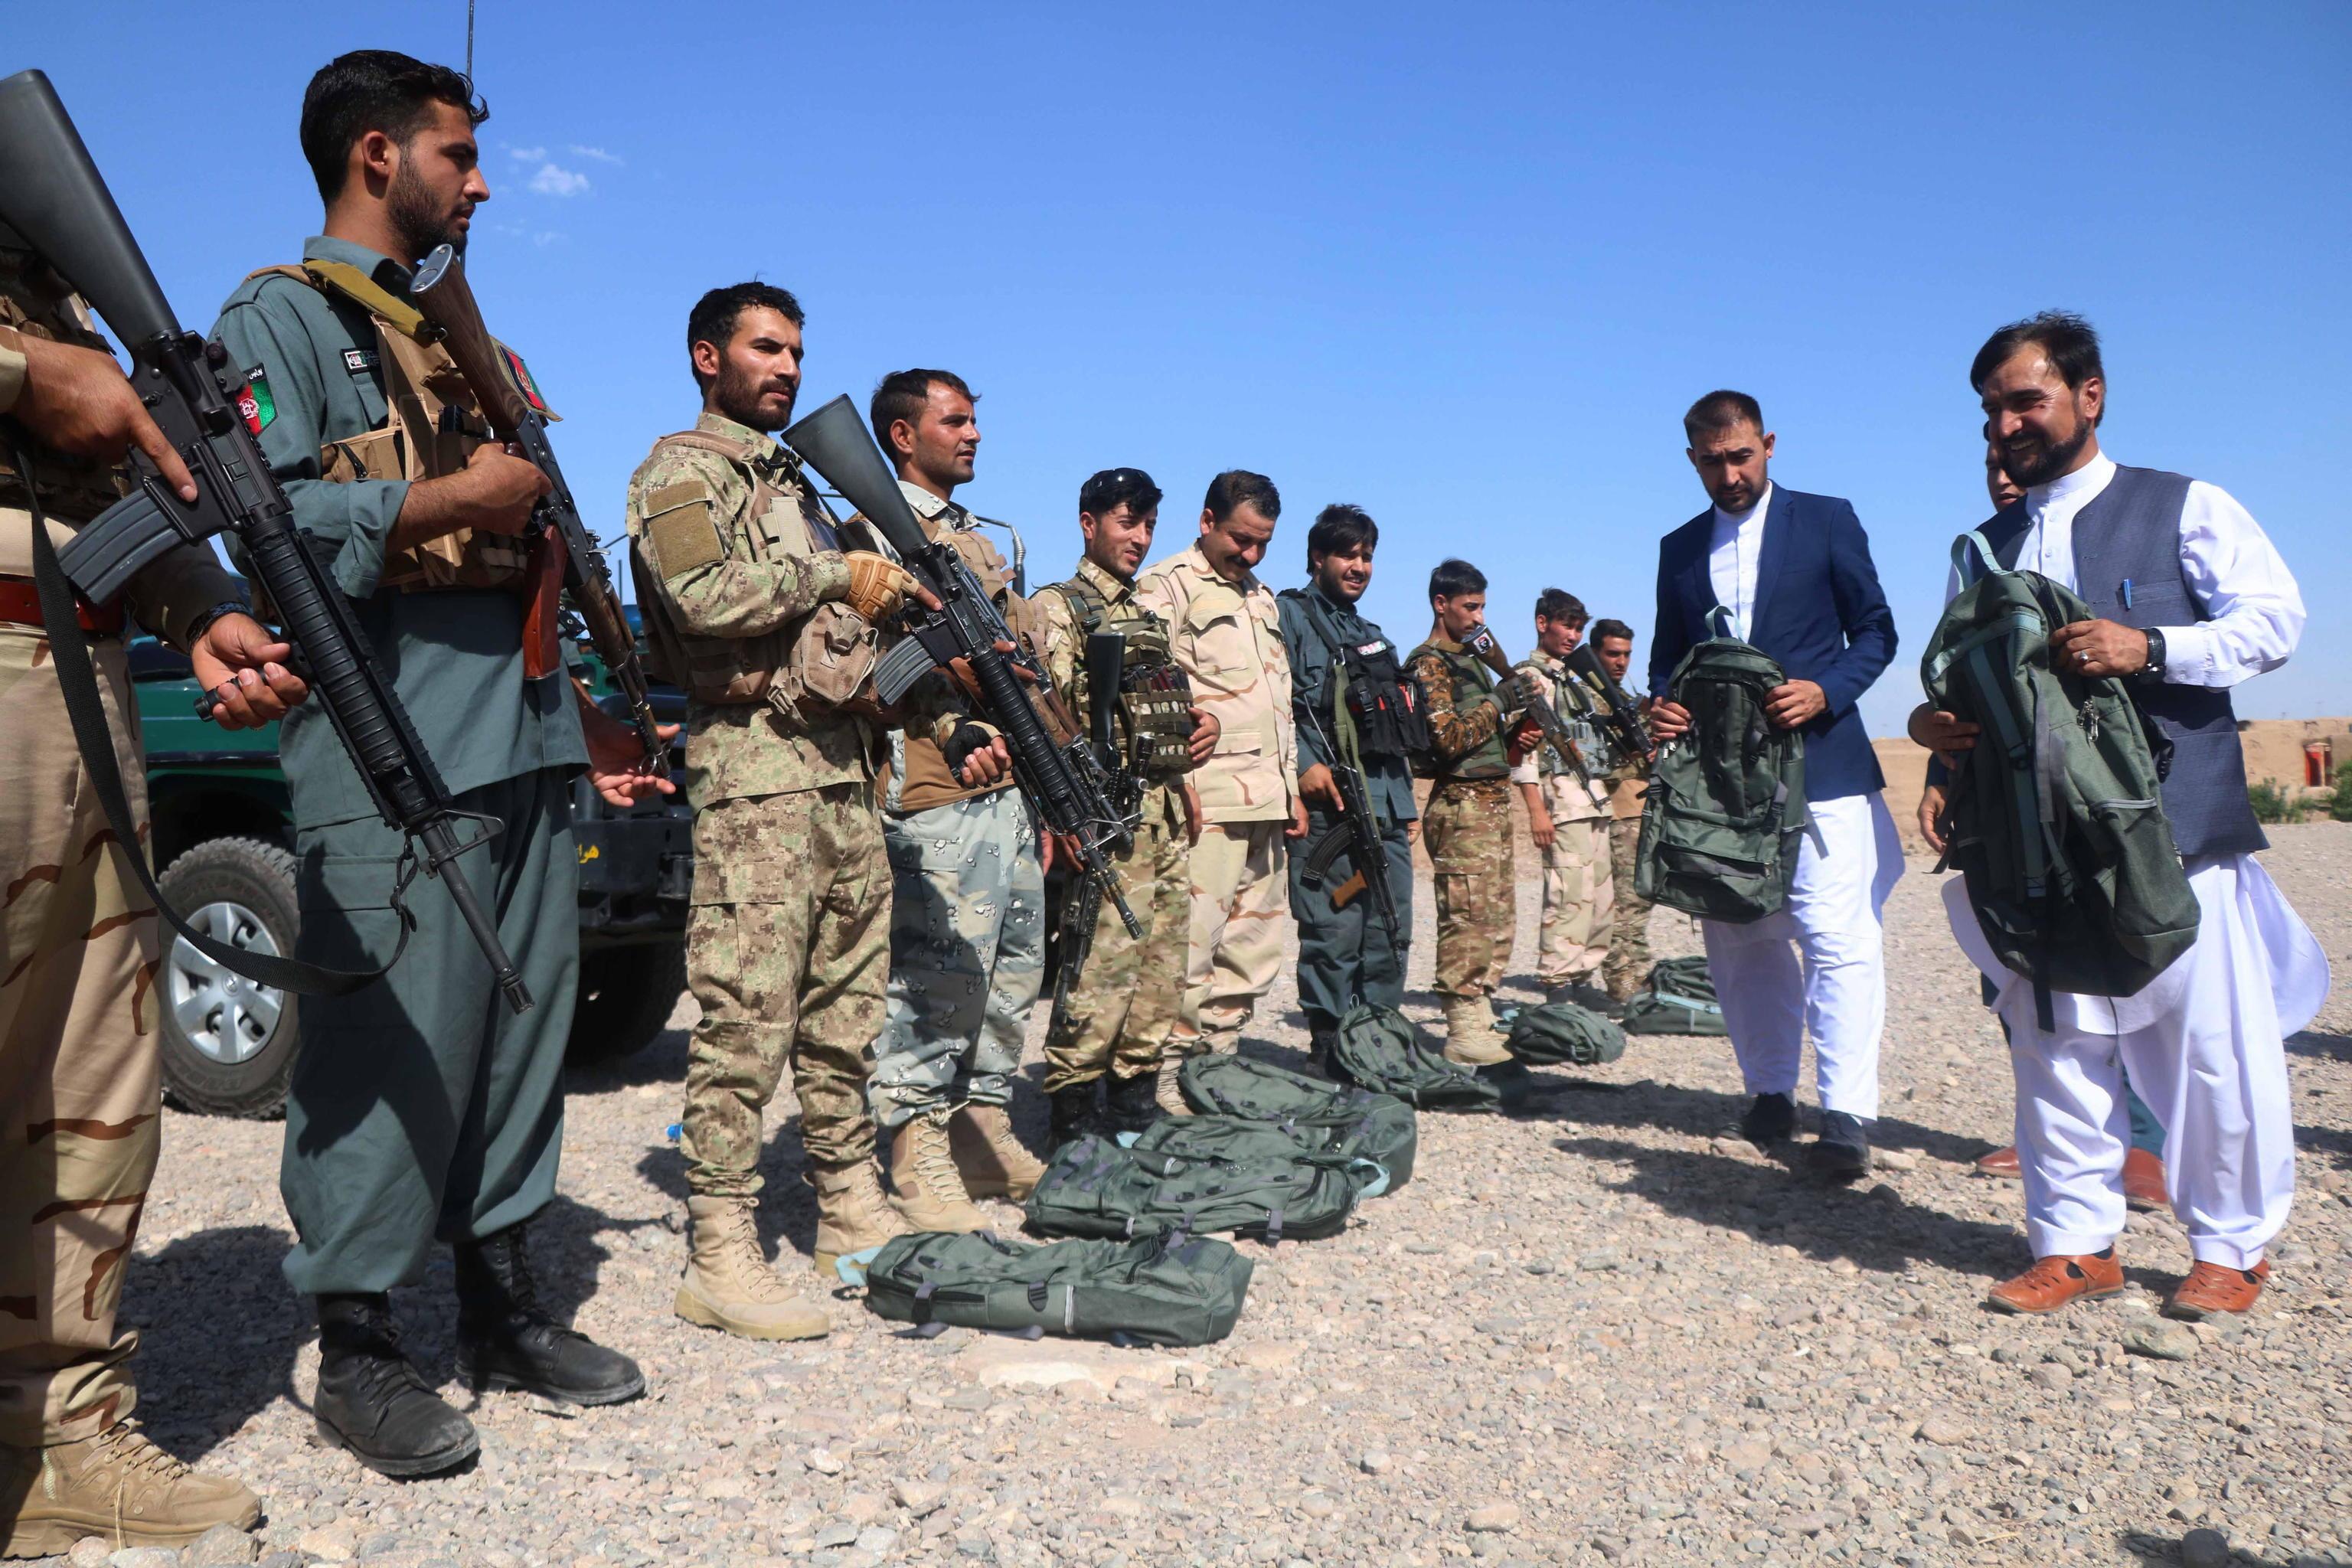 مقامات امنیتی افغانستان در روز دوشنبه در شهر هرات.